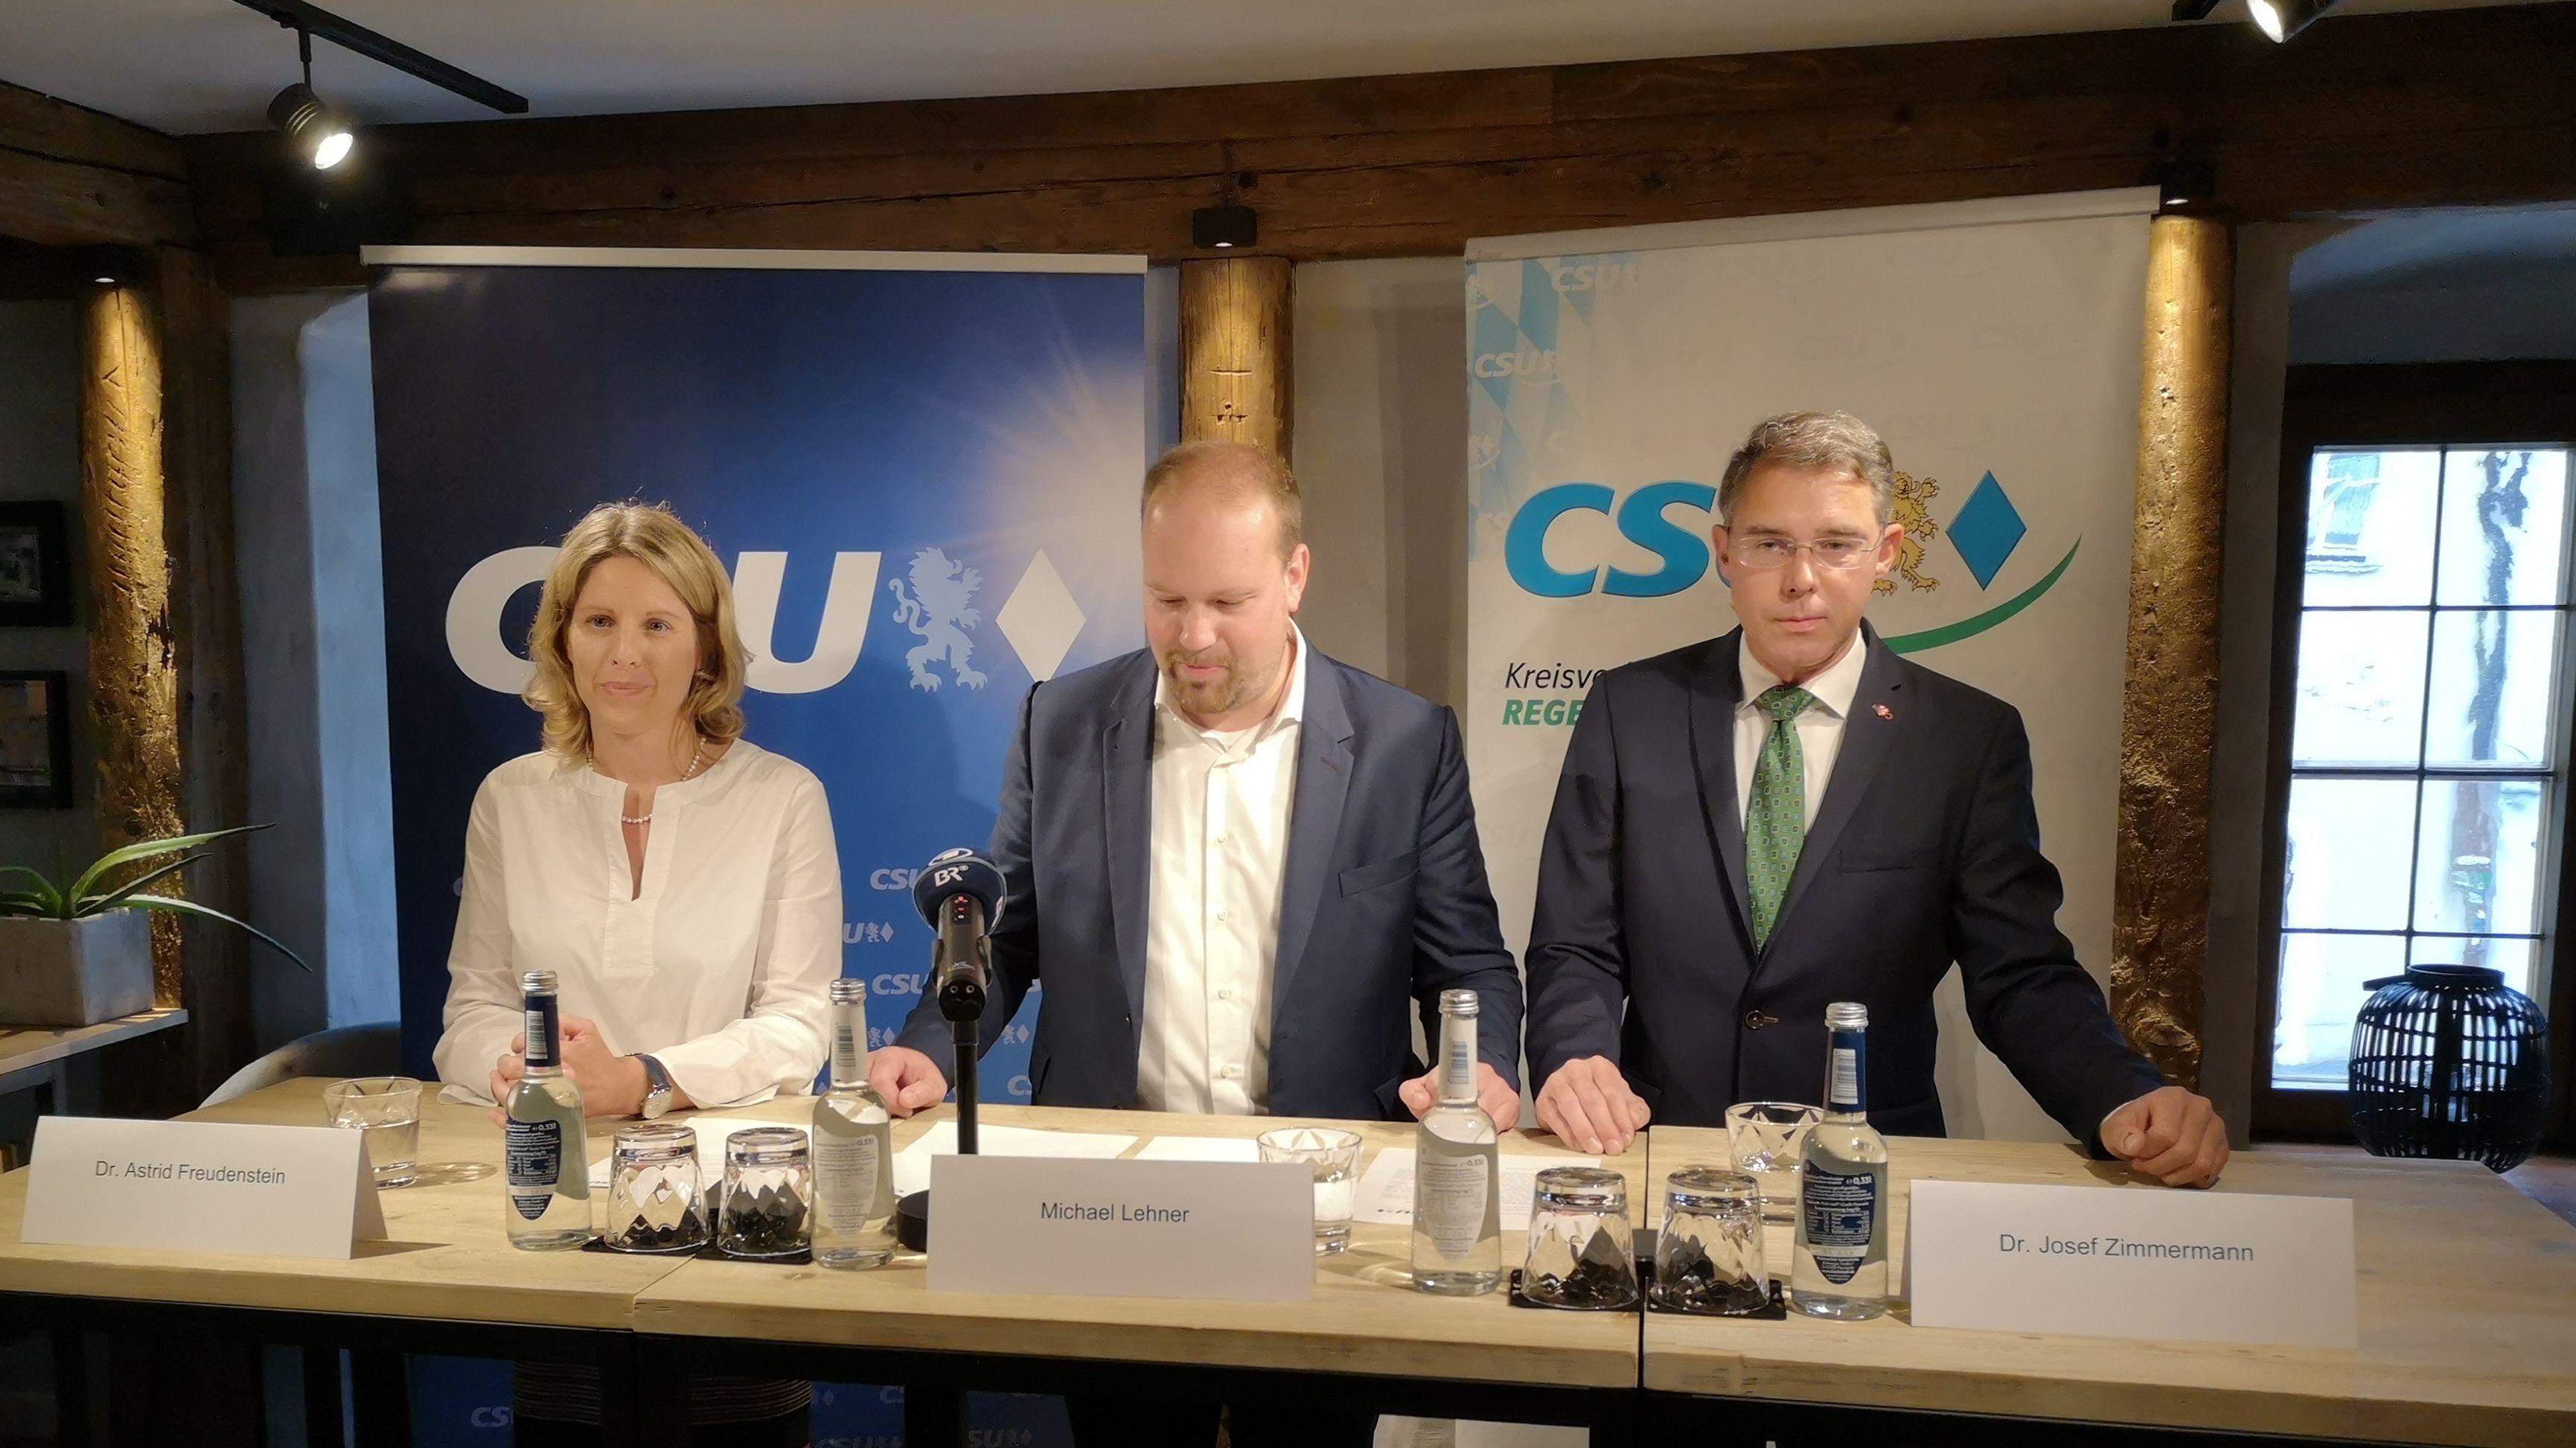 Die Stadtverband der Regensburger CSU hat sich für astrid Freudenstein als OB-Kandidatin entschieden.